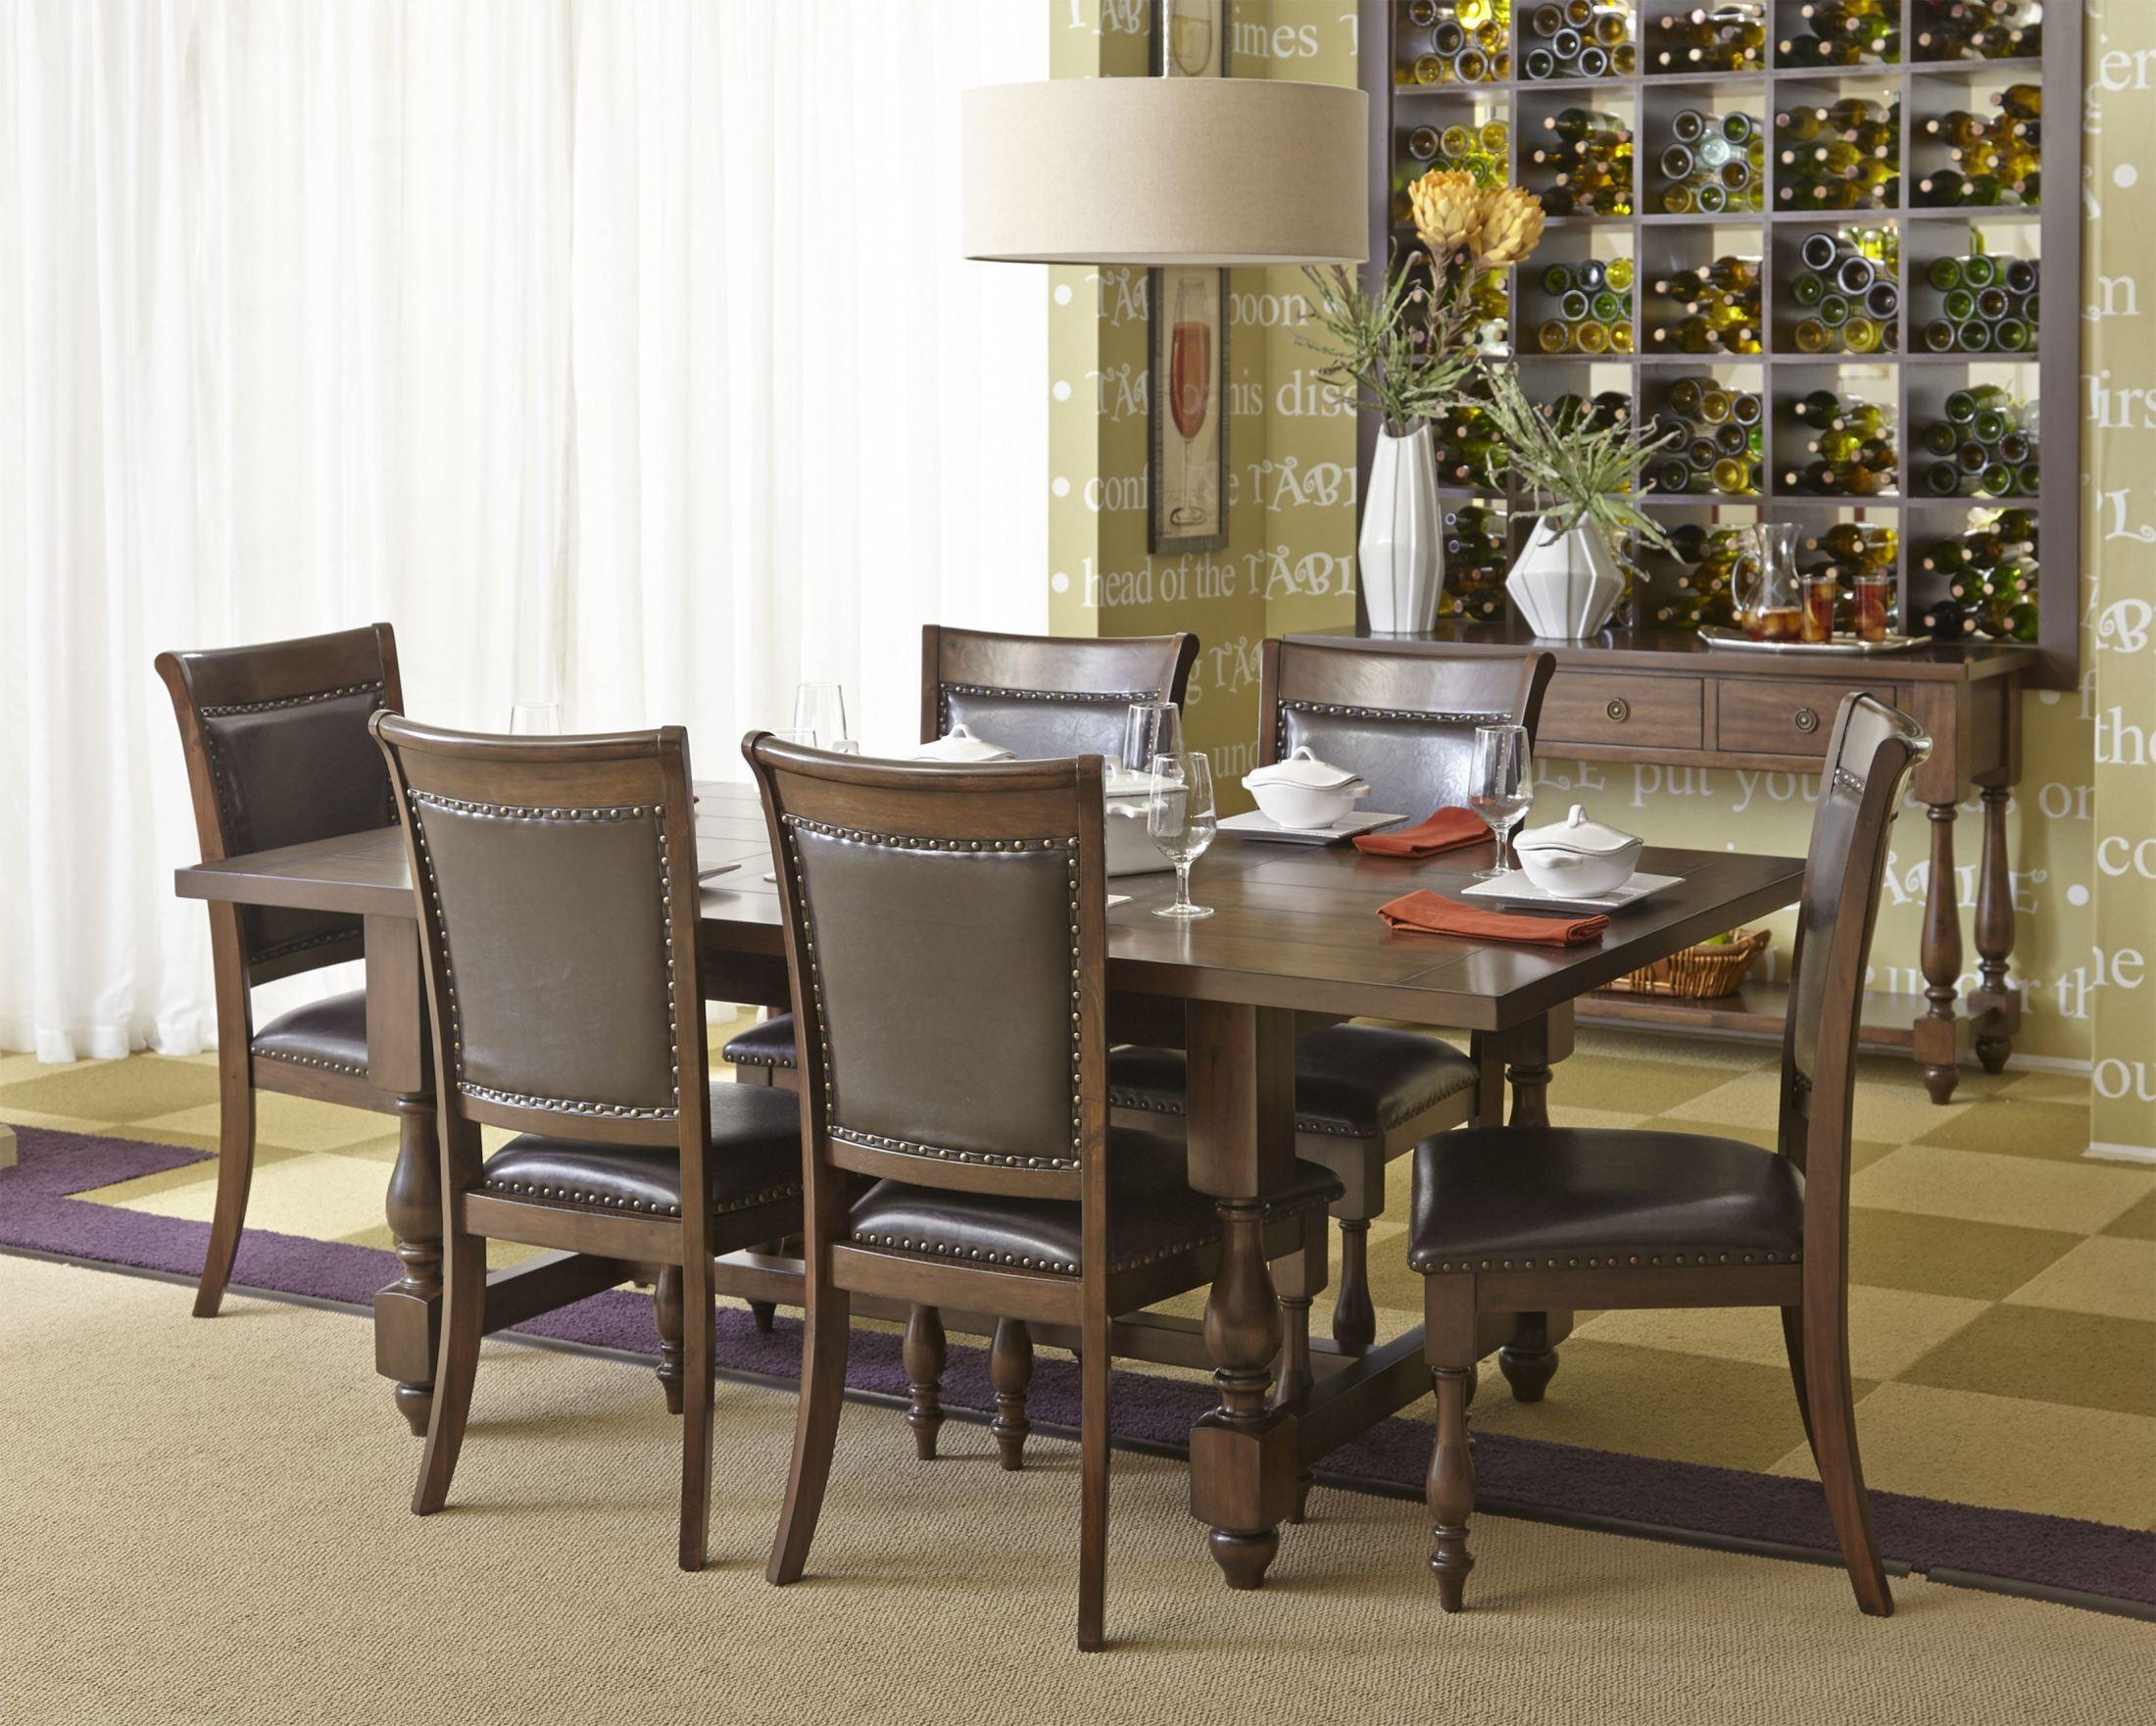 Grand Havana Dining Room Set 72378 Jofran